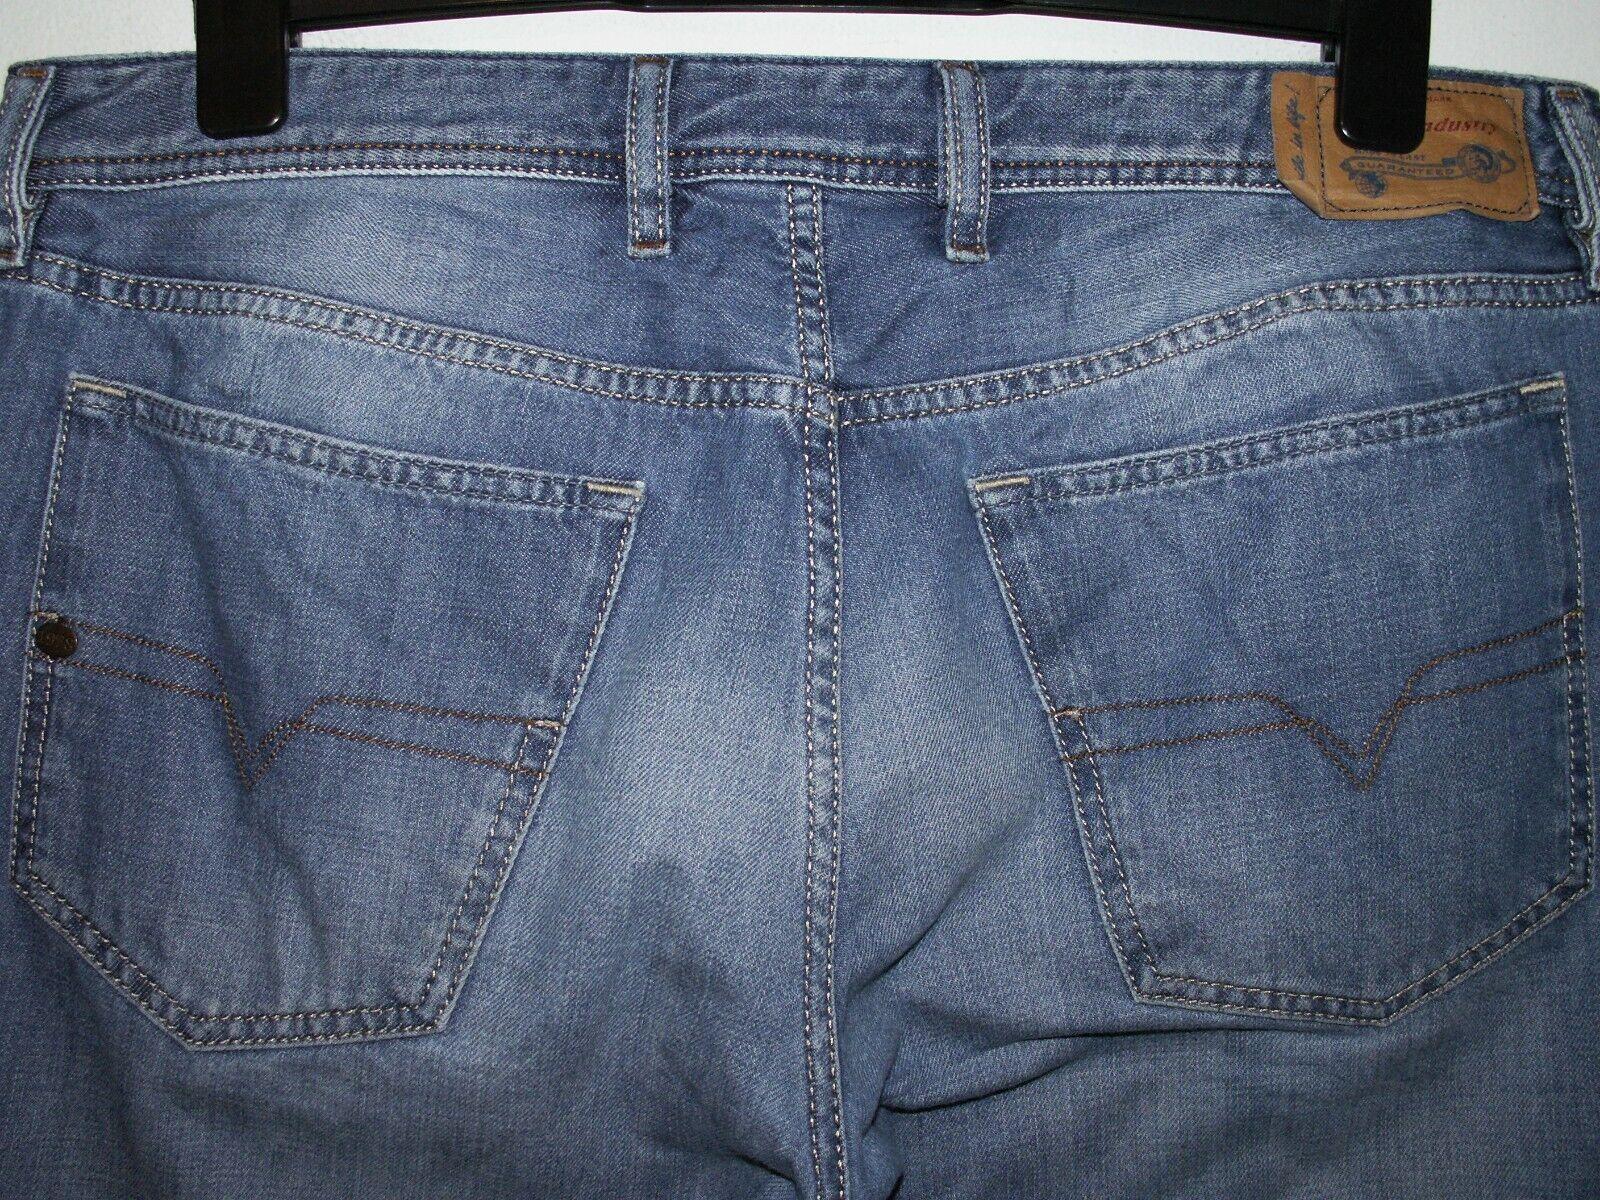 Diesel waykee regular-straight regular-straight regular-straight fit jeans wash 0839C W36 L32 (a4686)  | Deutsche Outlets  | Kompletter Spezifikationsbereich  | Adoptieren  b559fd